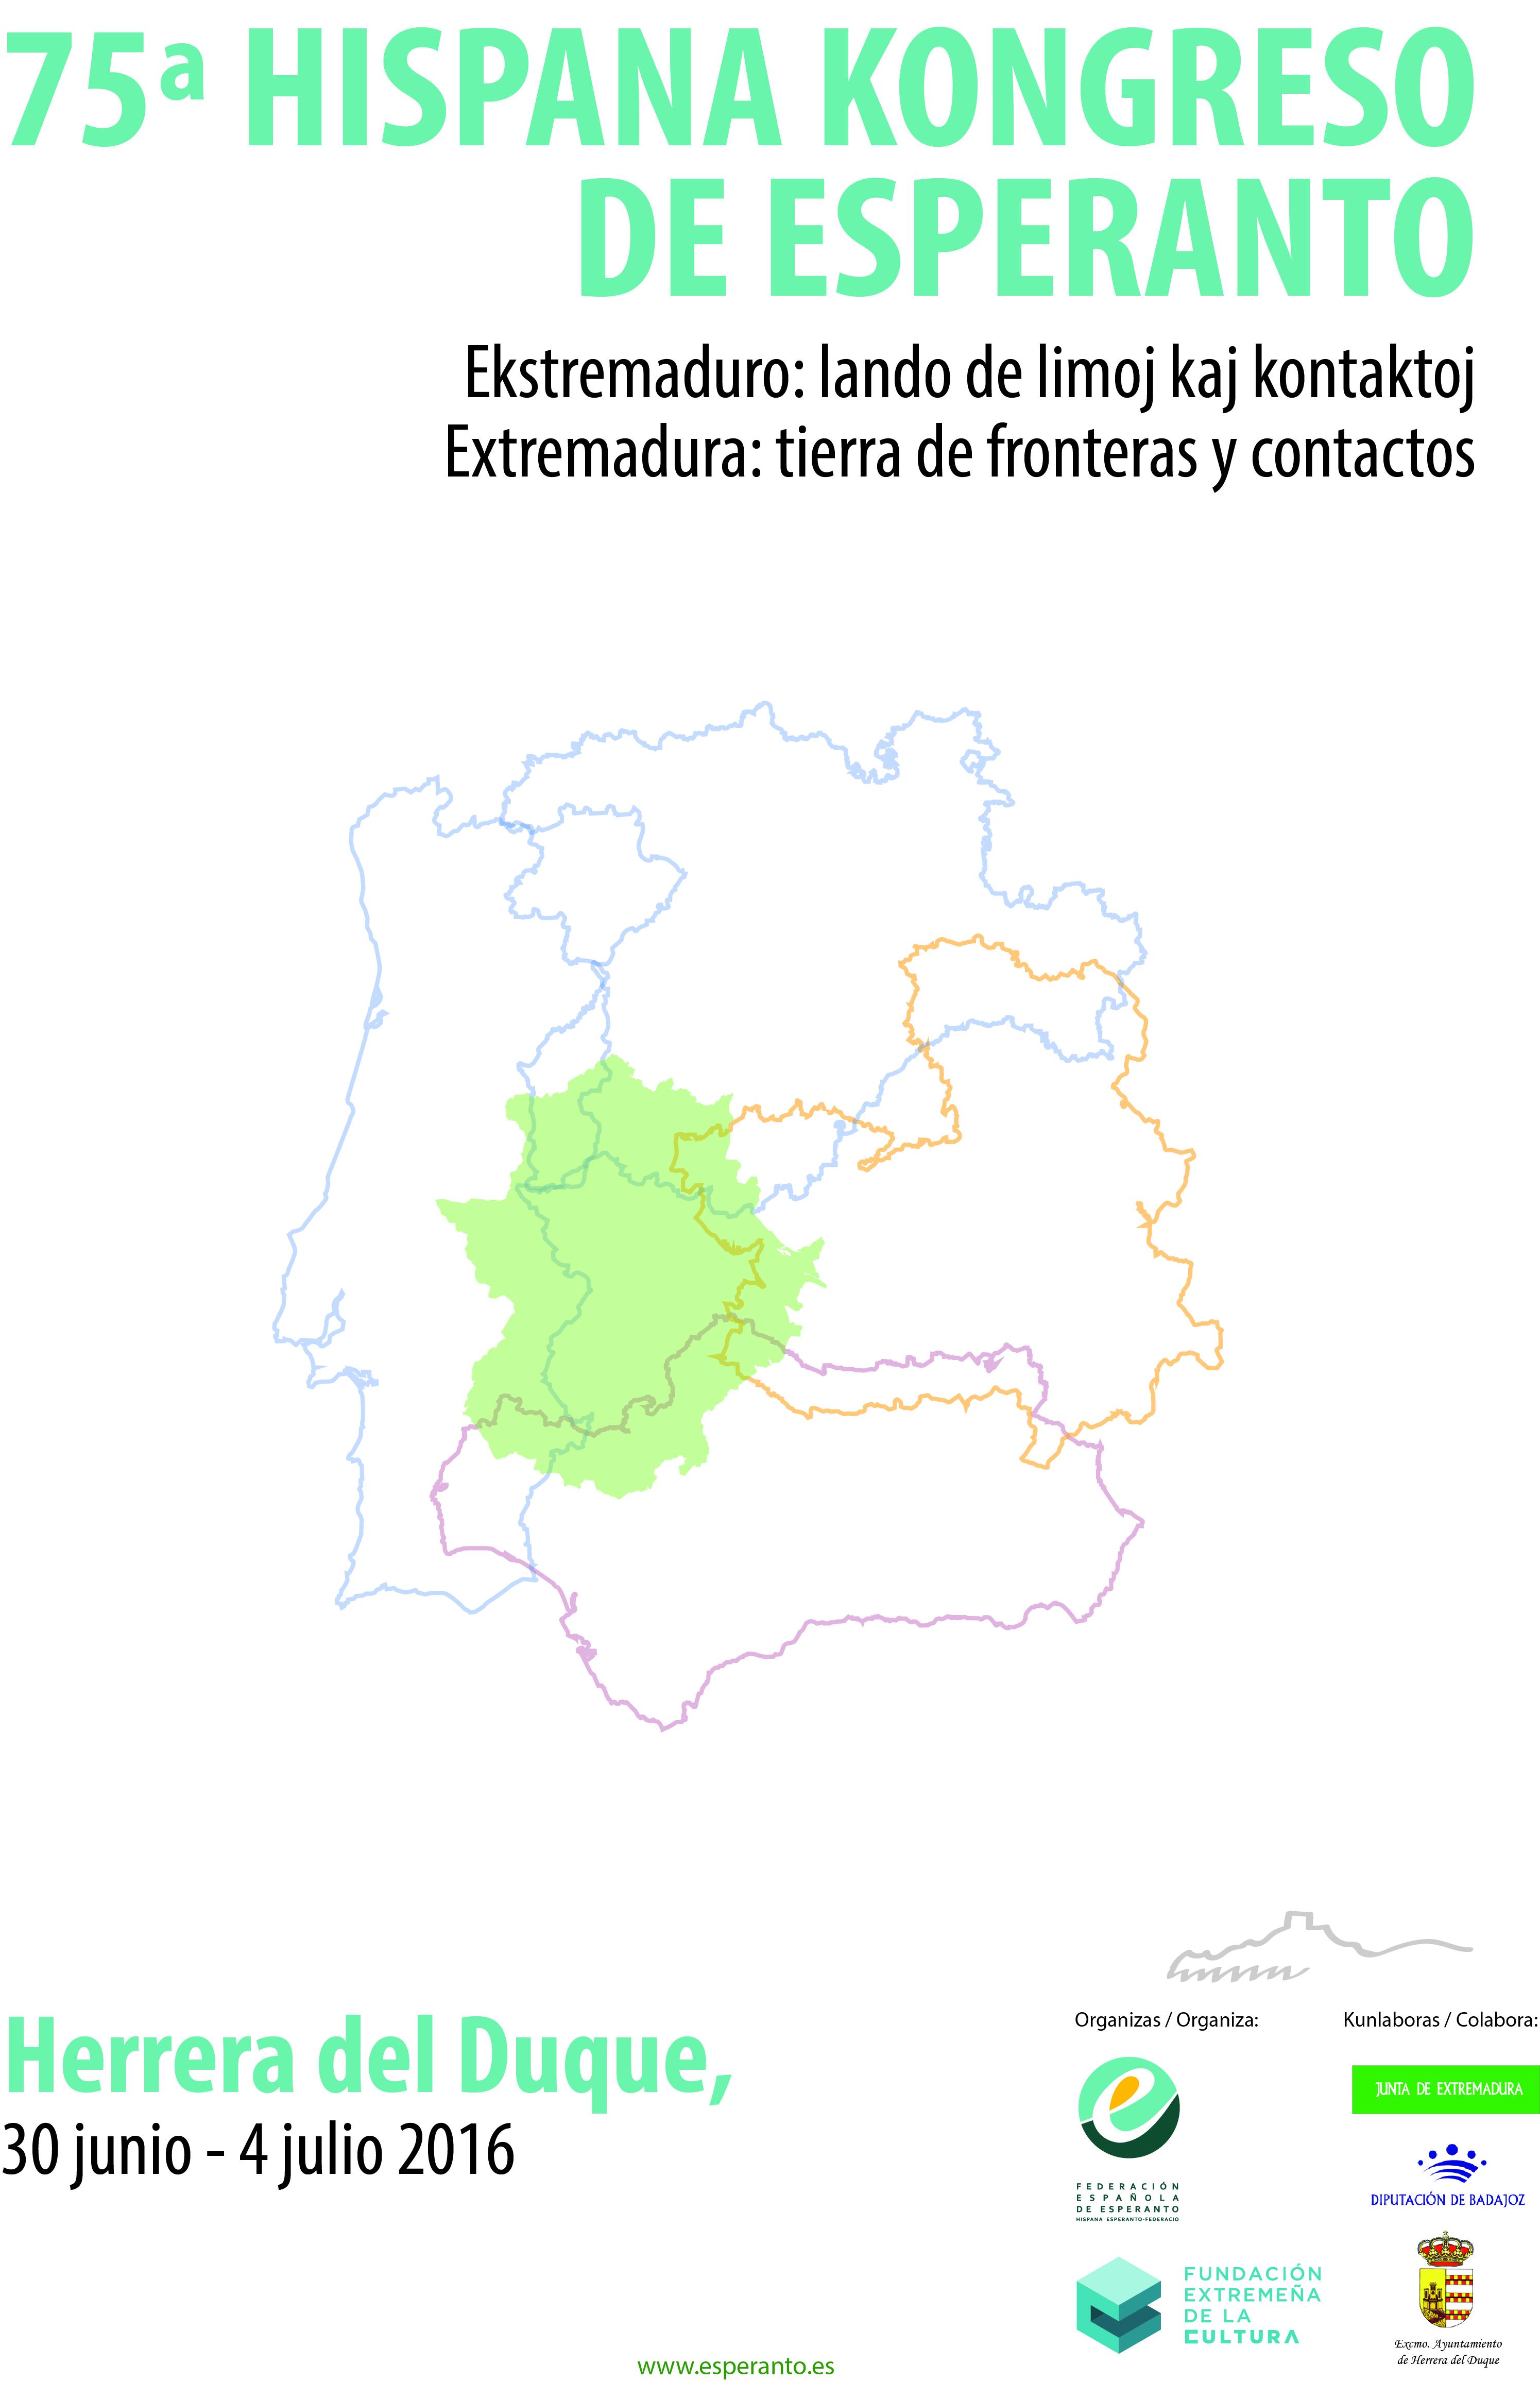 Cartel del Congreso de Esperanto en Herrera